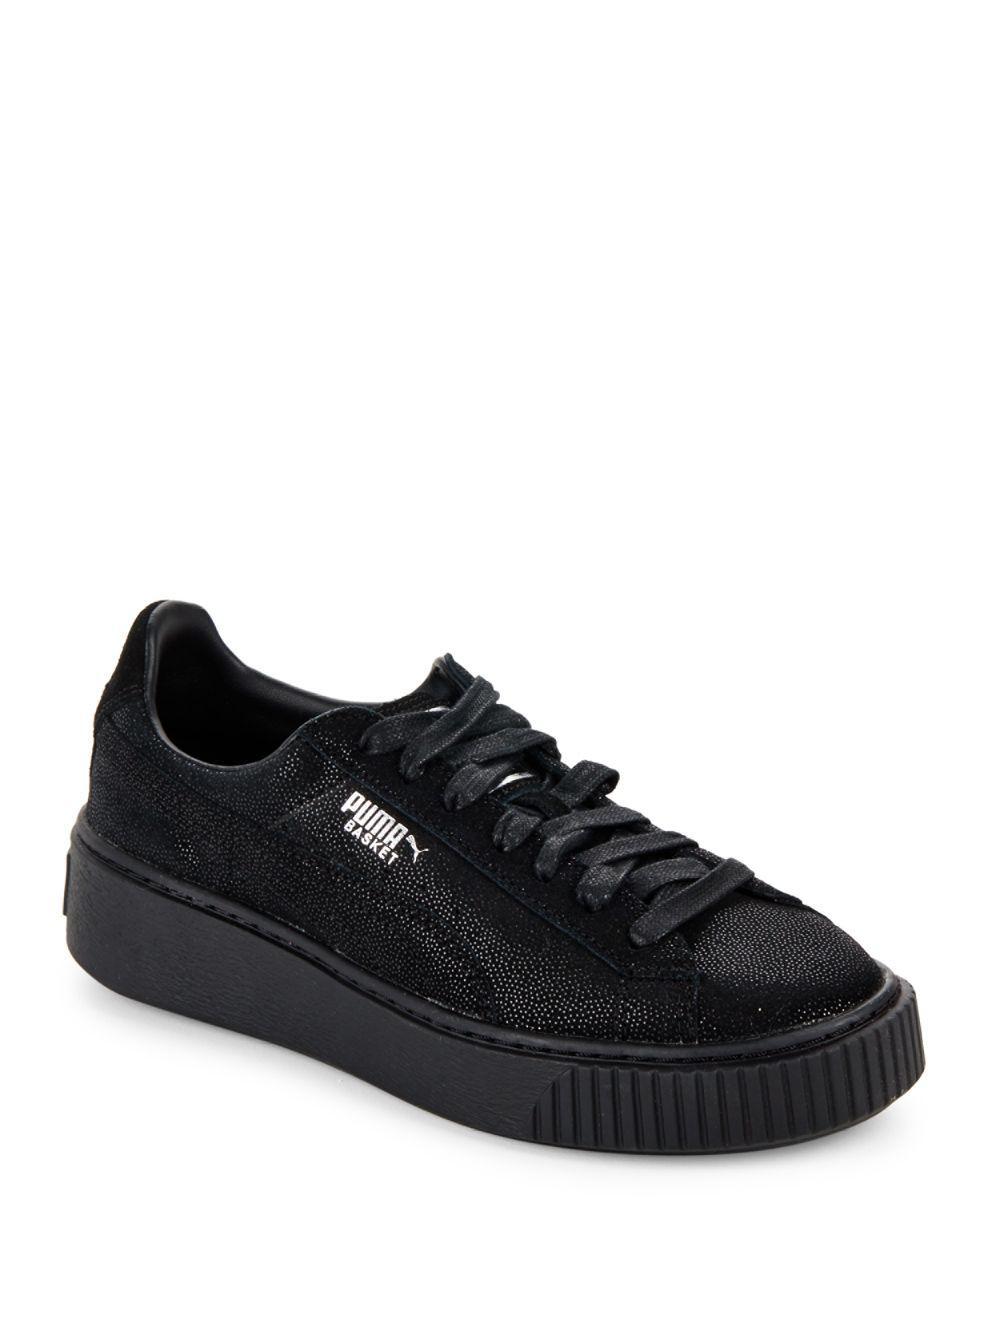 Lyst - PUMA Basket Leather Platform Sneakers in Black for Men - Save 38% efe7598e8